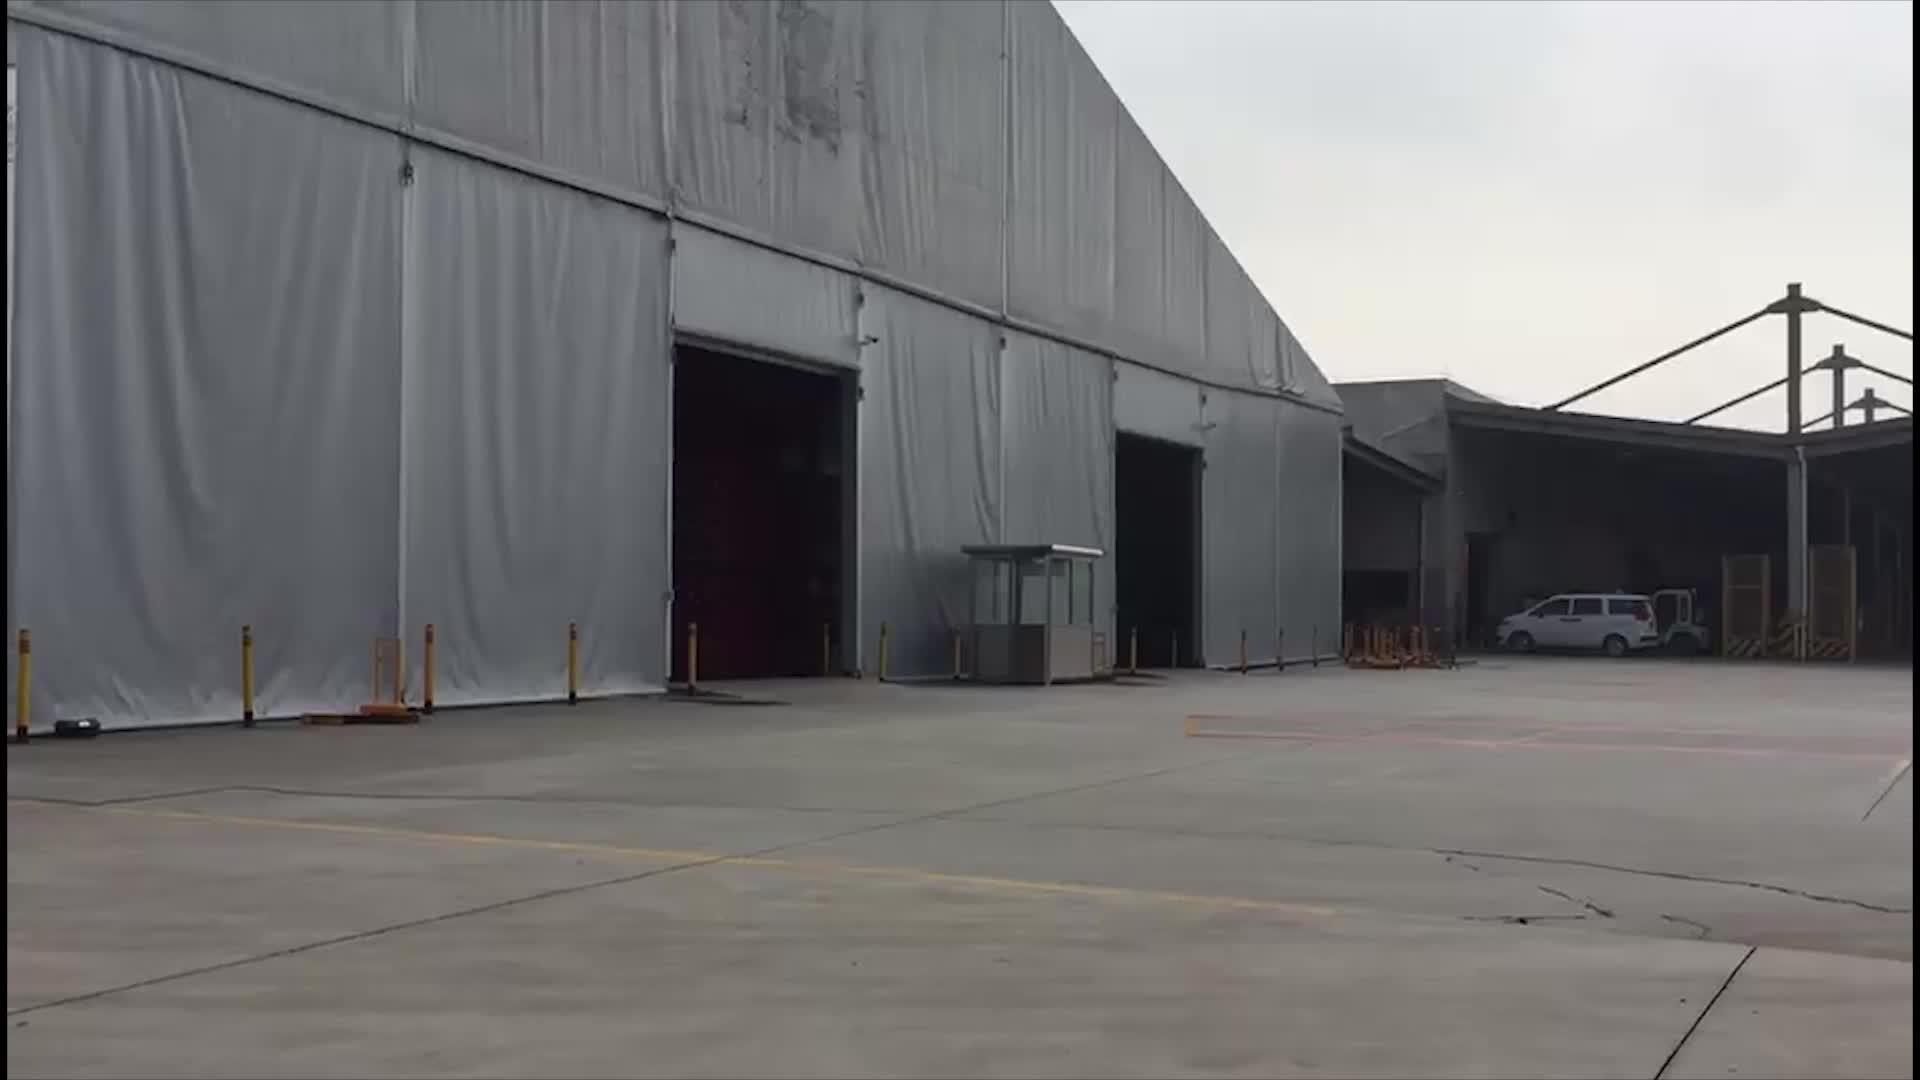 Büyük açık endüstriyel olay Marquee depo çadırı depo için